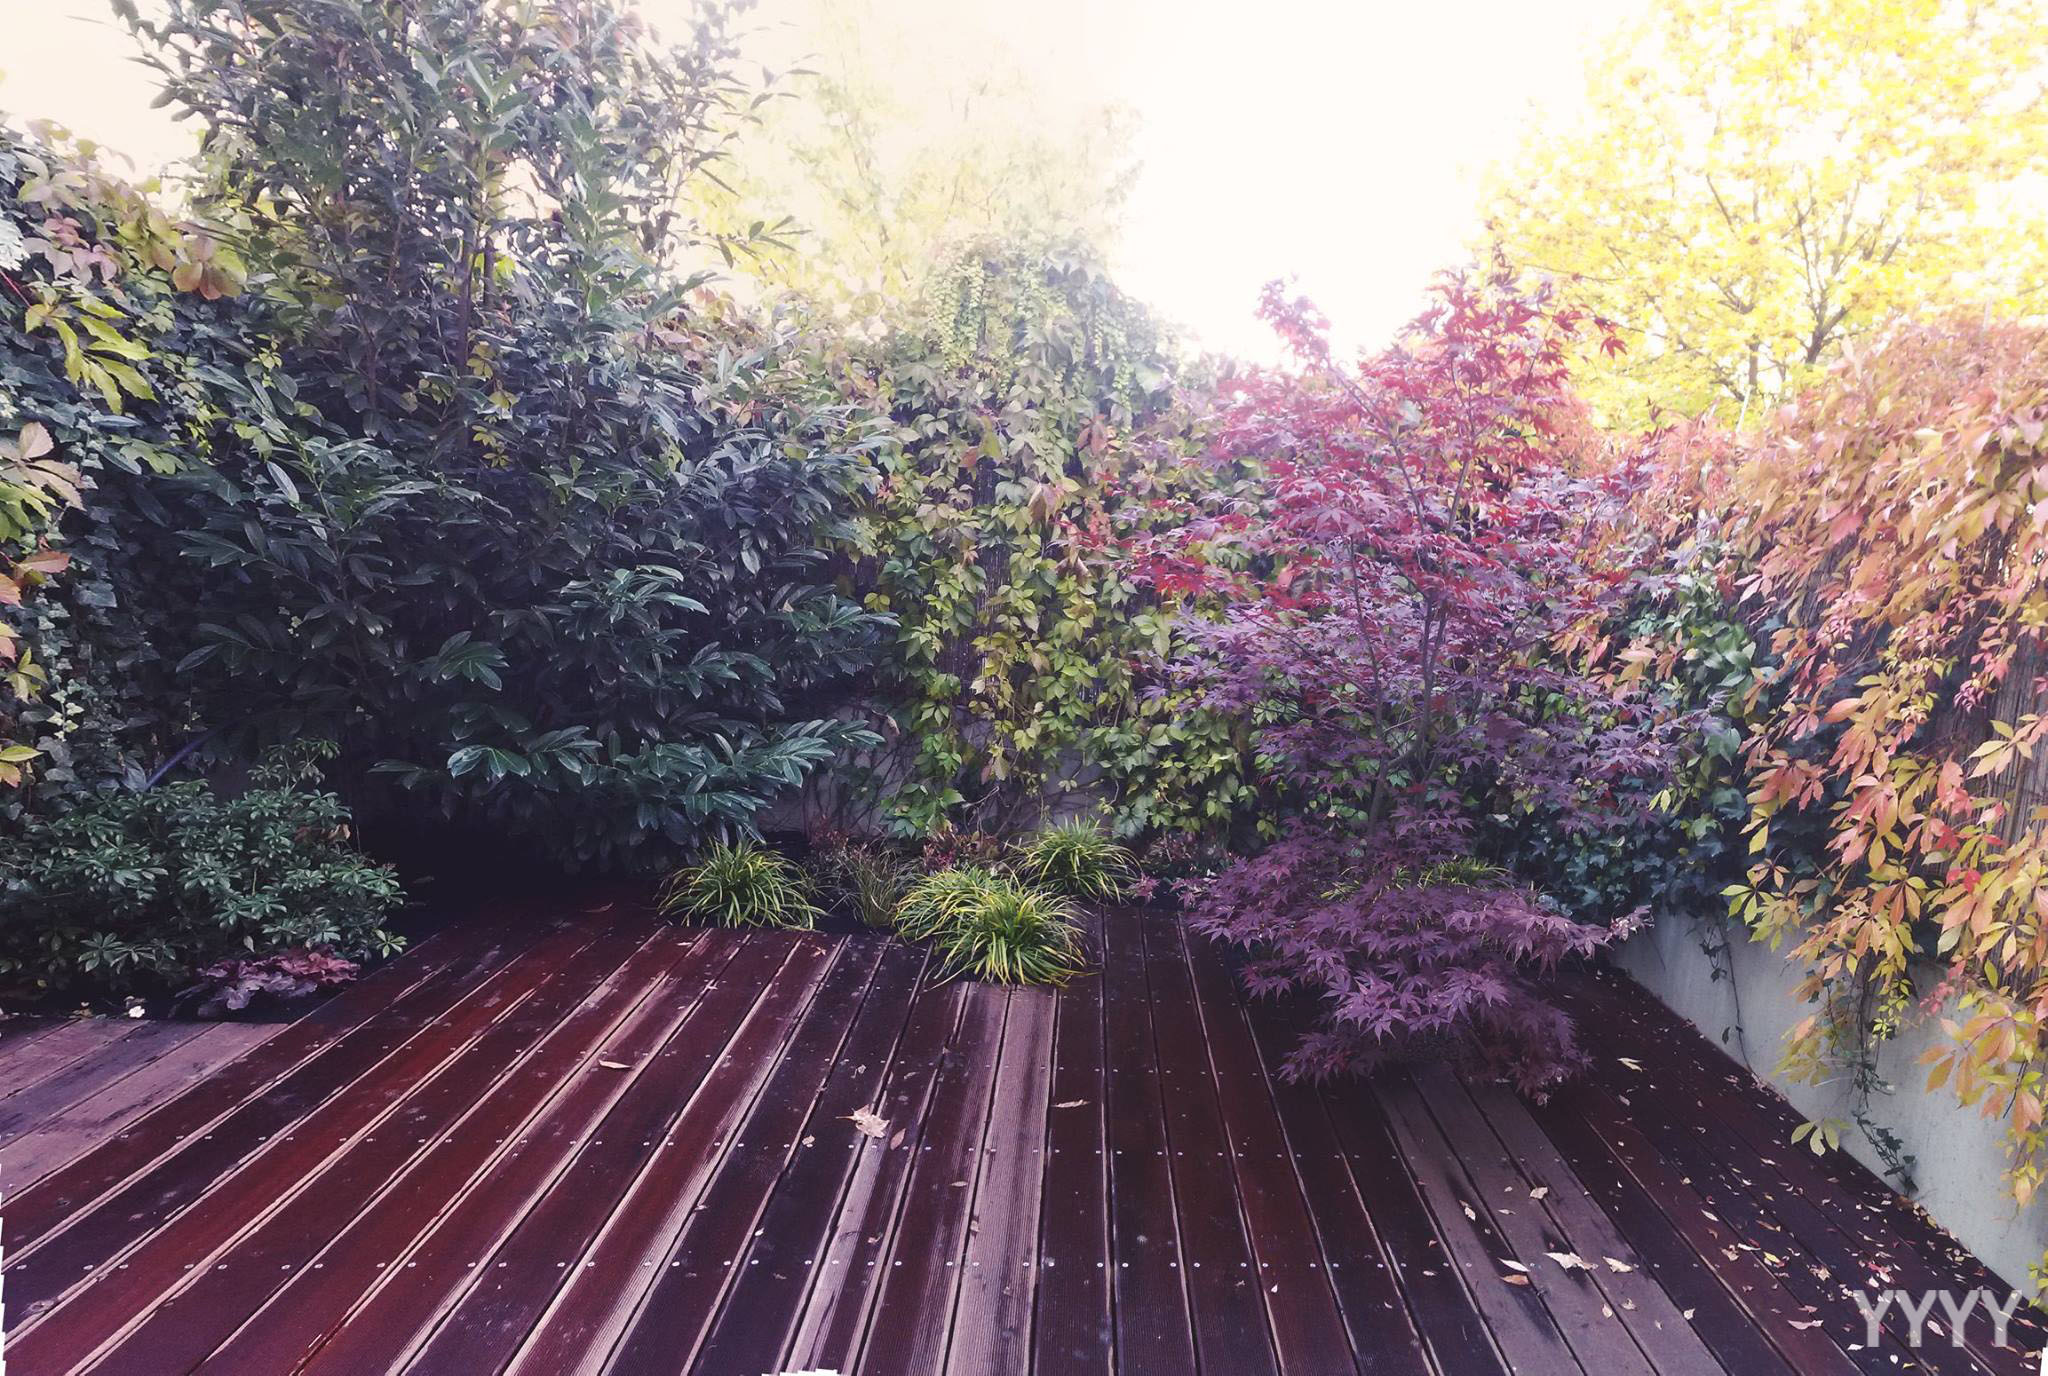 Malá zahrada by měla obsahovat jen to nejdůležitější a být dotažená do posledního detailu. (zahrada na rozloze 40m2)